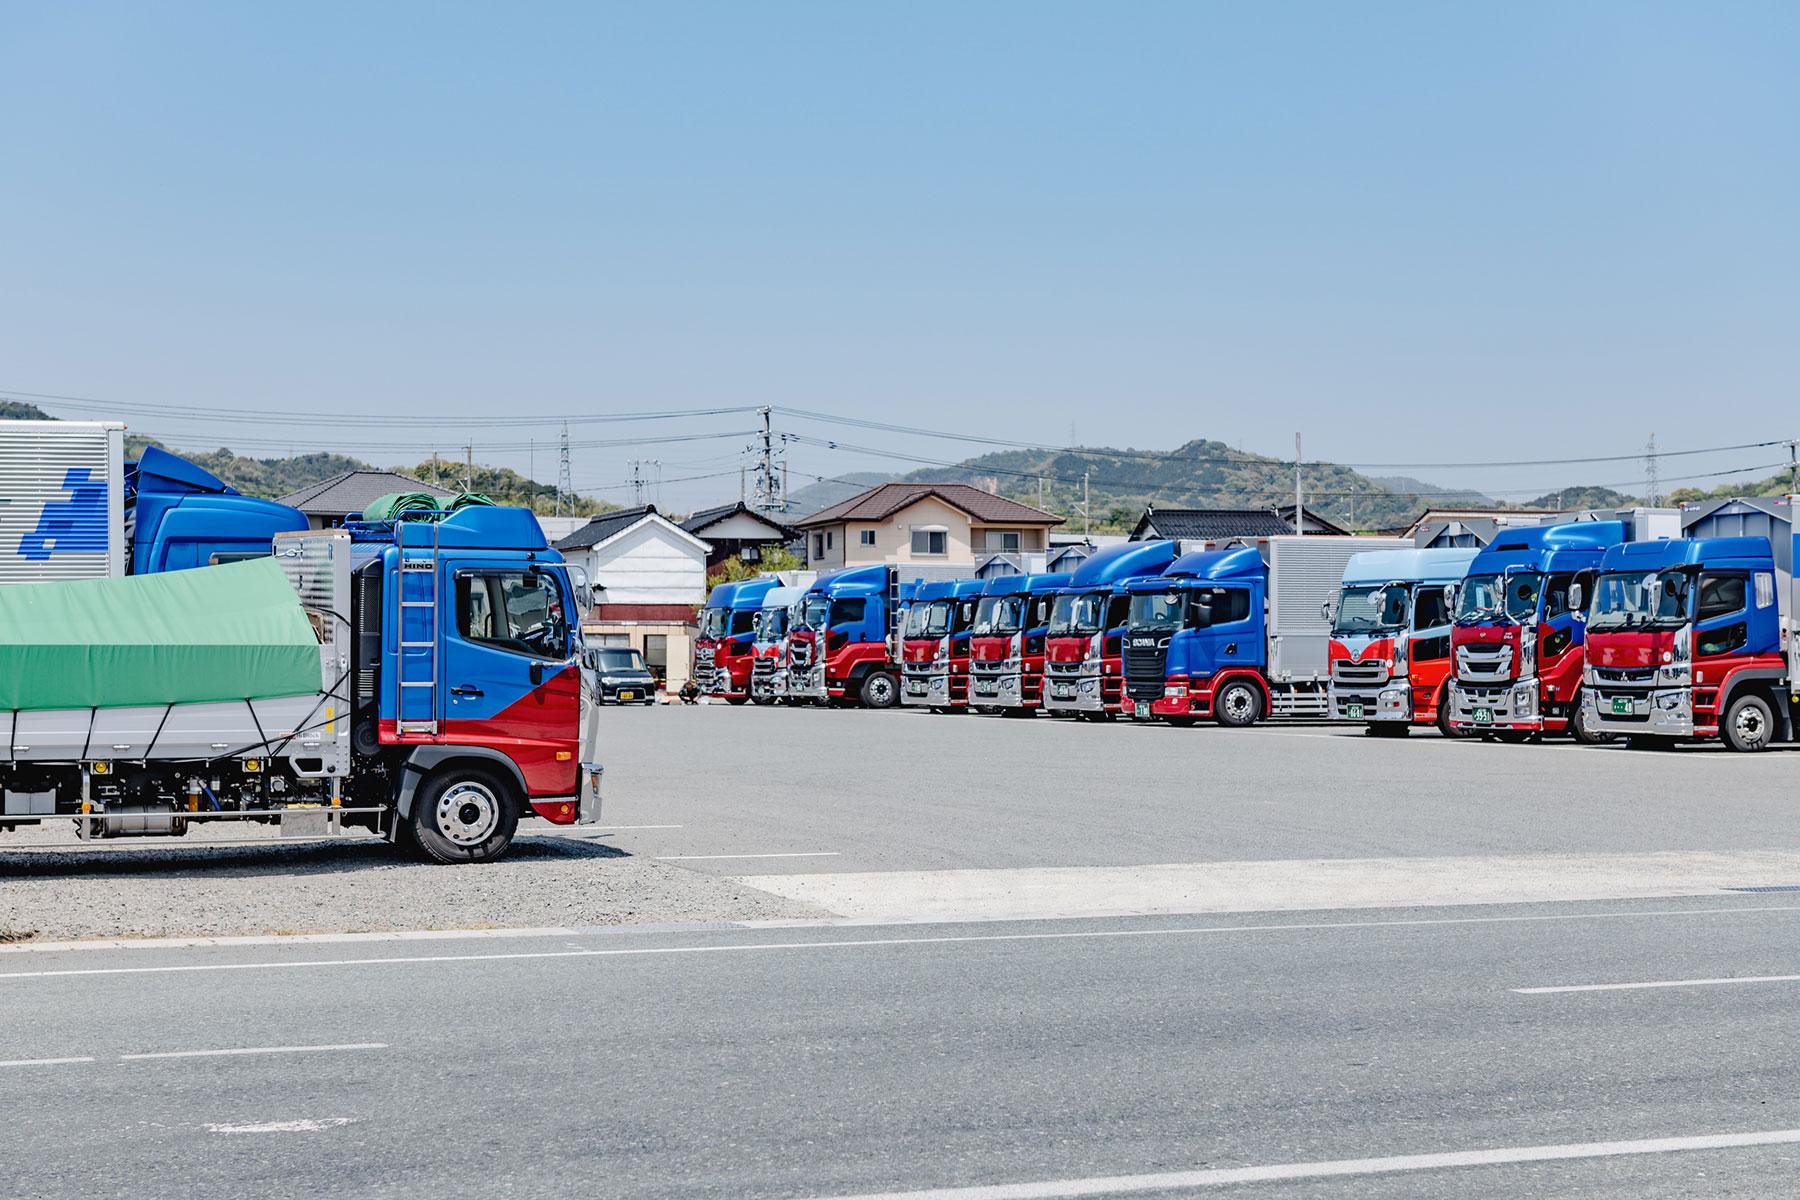 高燃費を誇るスカニアがもたらす、大きなコスト削減効果とは 〜山岡倉運株式会社様〜